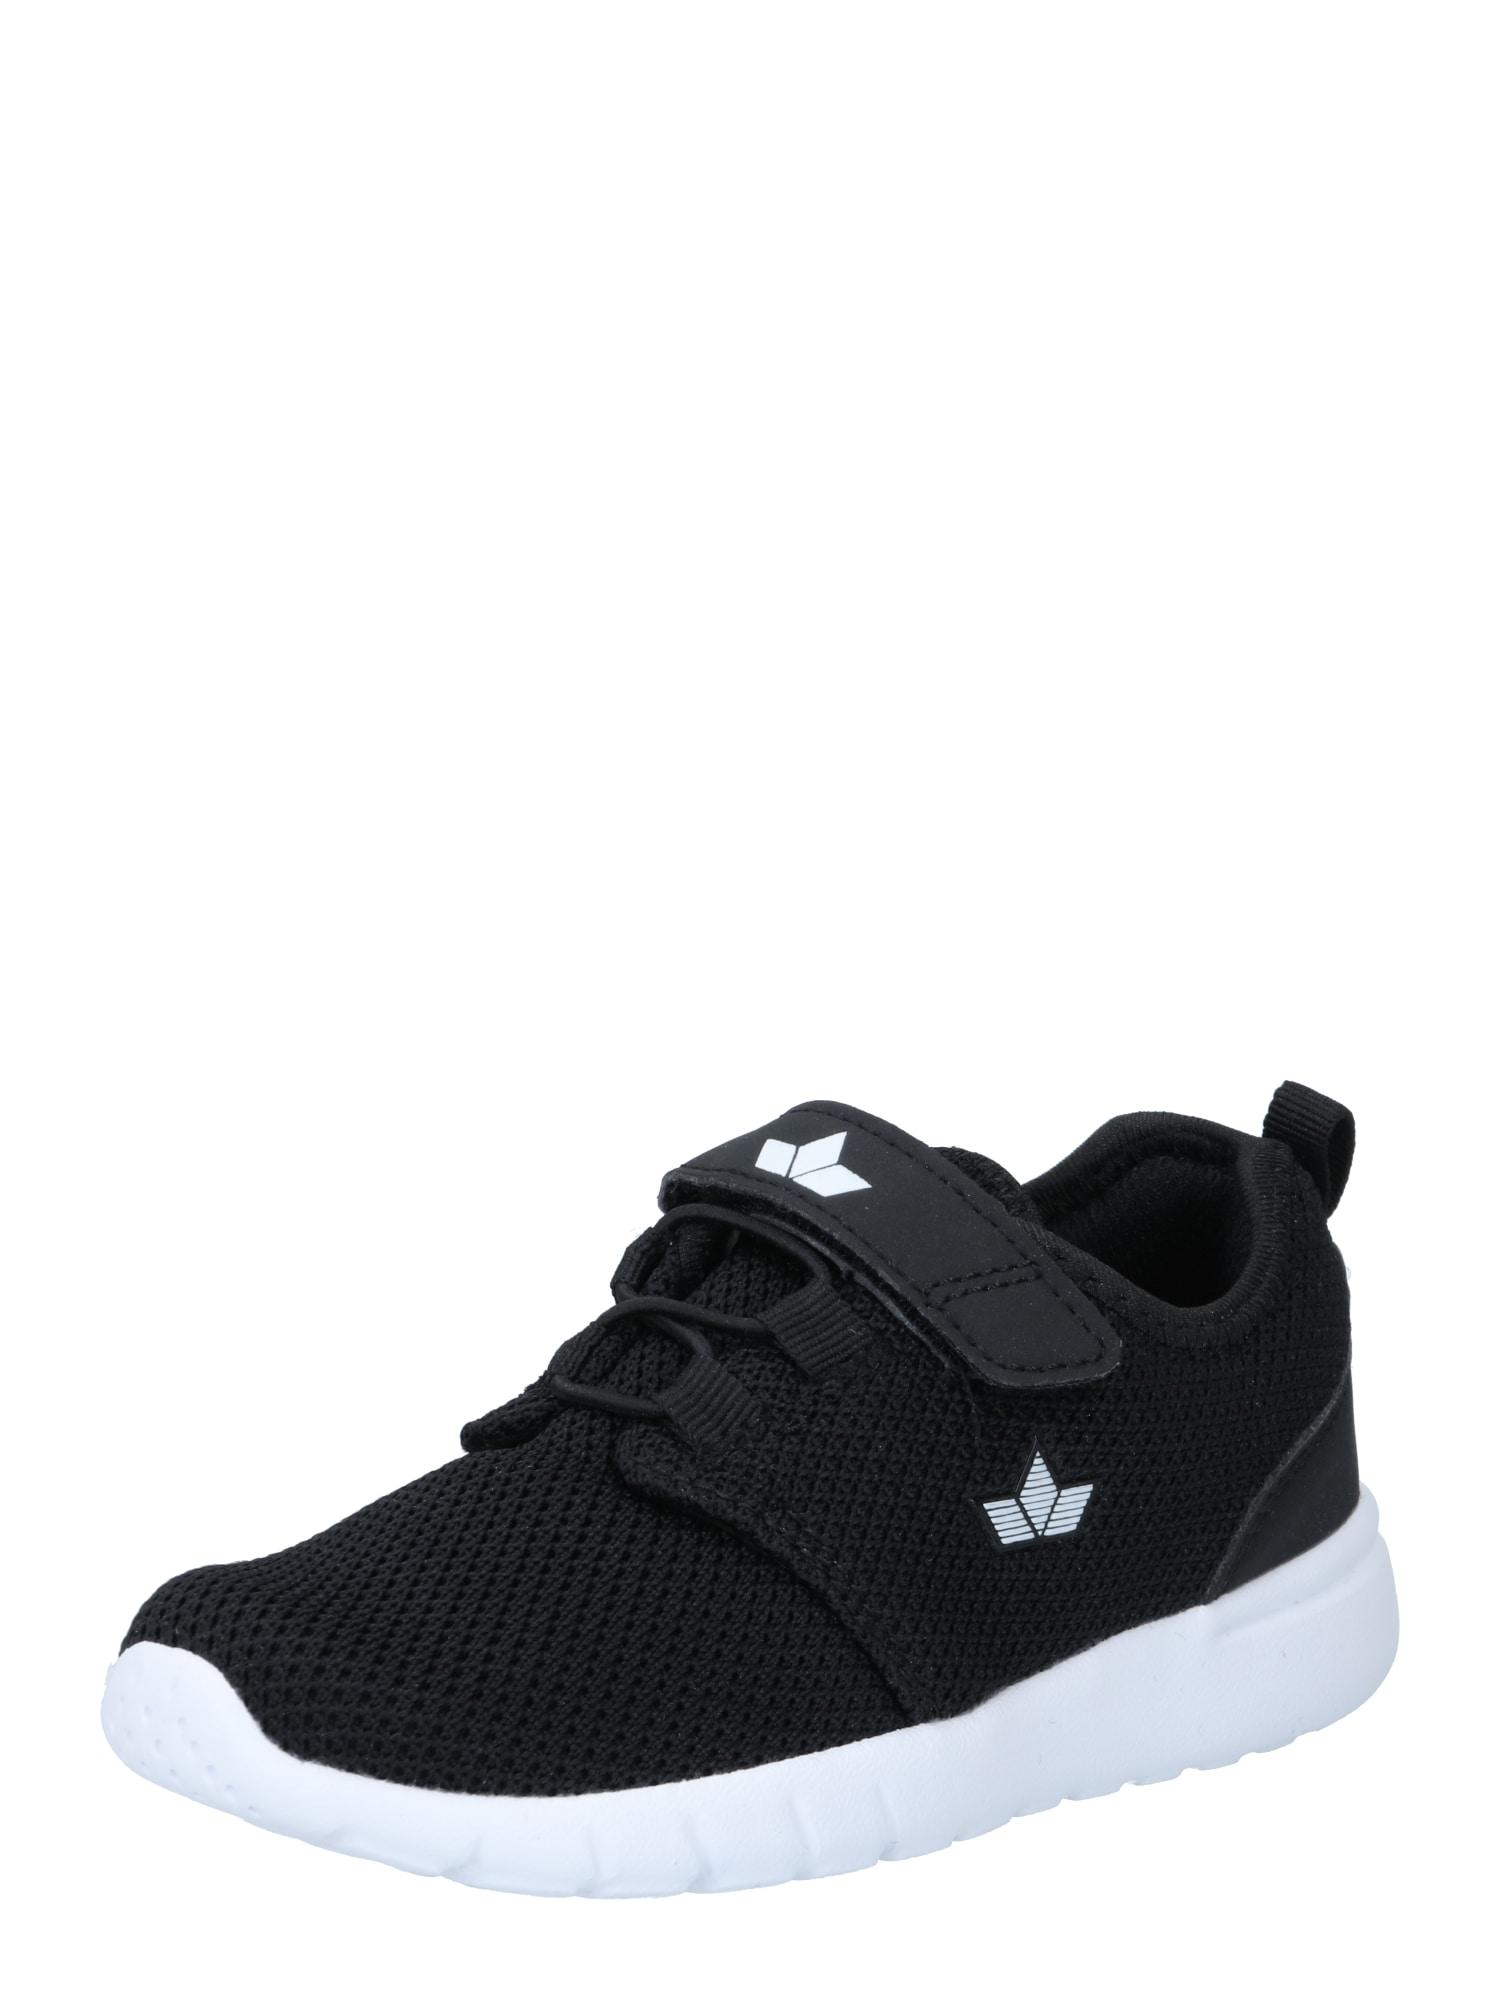 LICO Sportiniai batai 'Pancho' juoda / balta